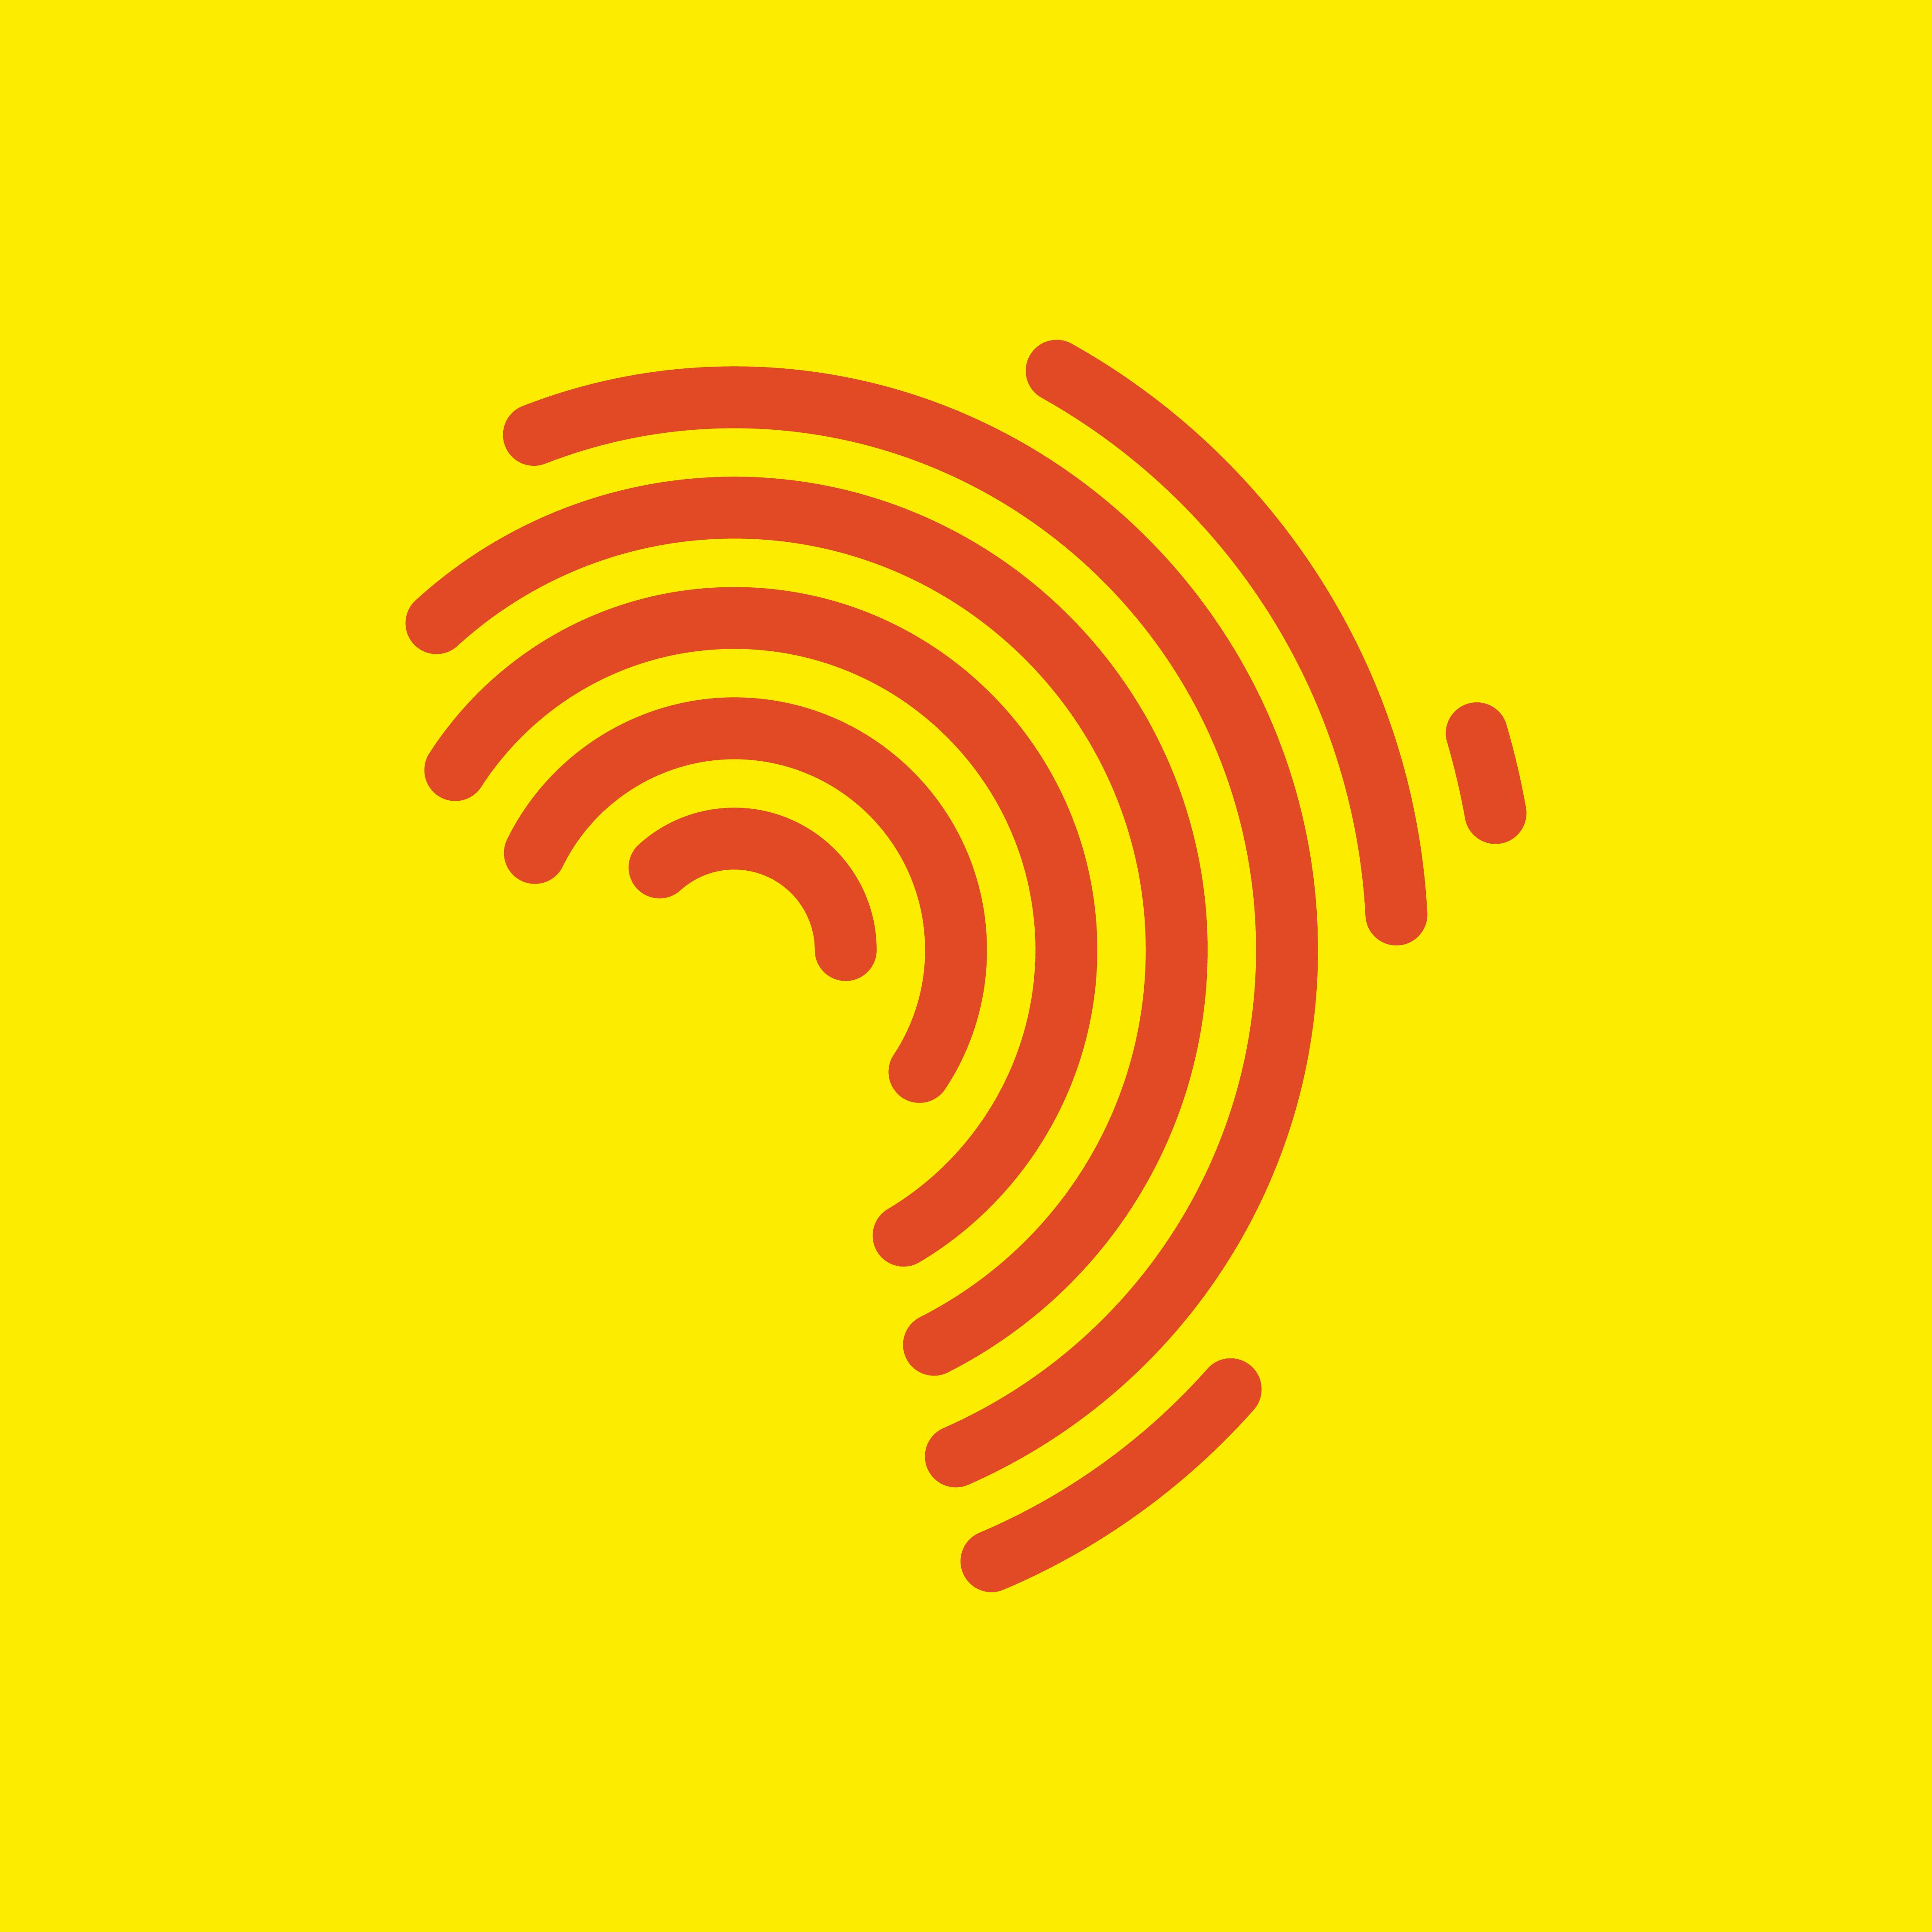 Speakup Africa Designer Mitchell Paone Firm Dia Usa Year 2013 Speakupafrica Dia Diastudio Mitchel Identity Design Logo Map Logo Graphic Design Logo